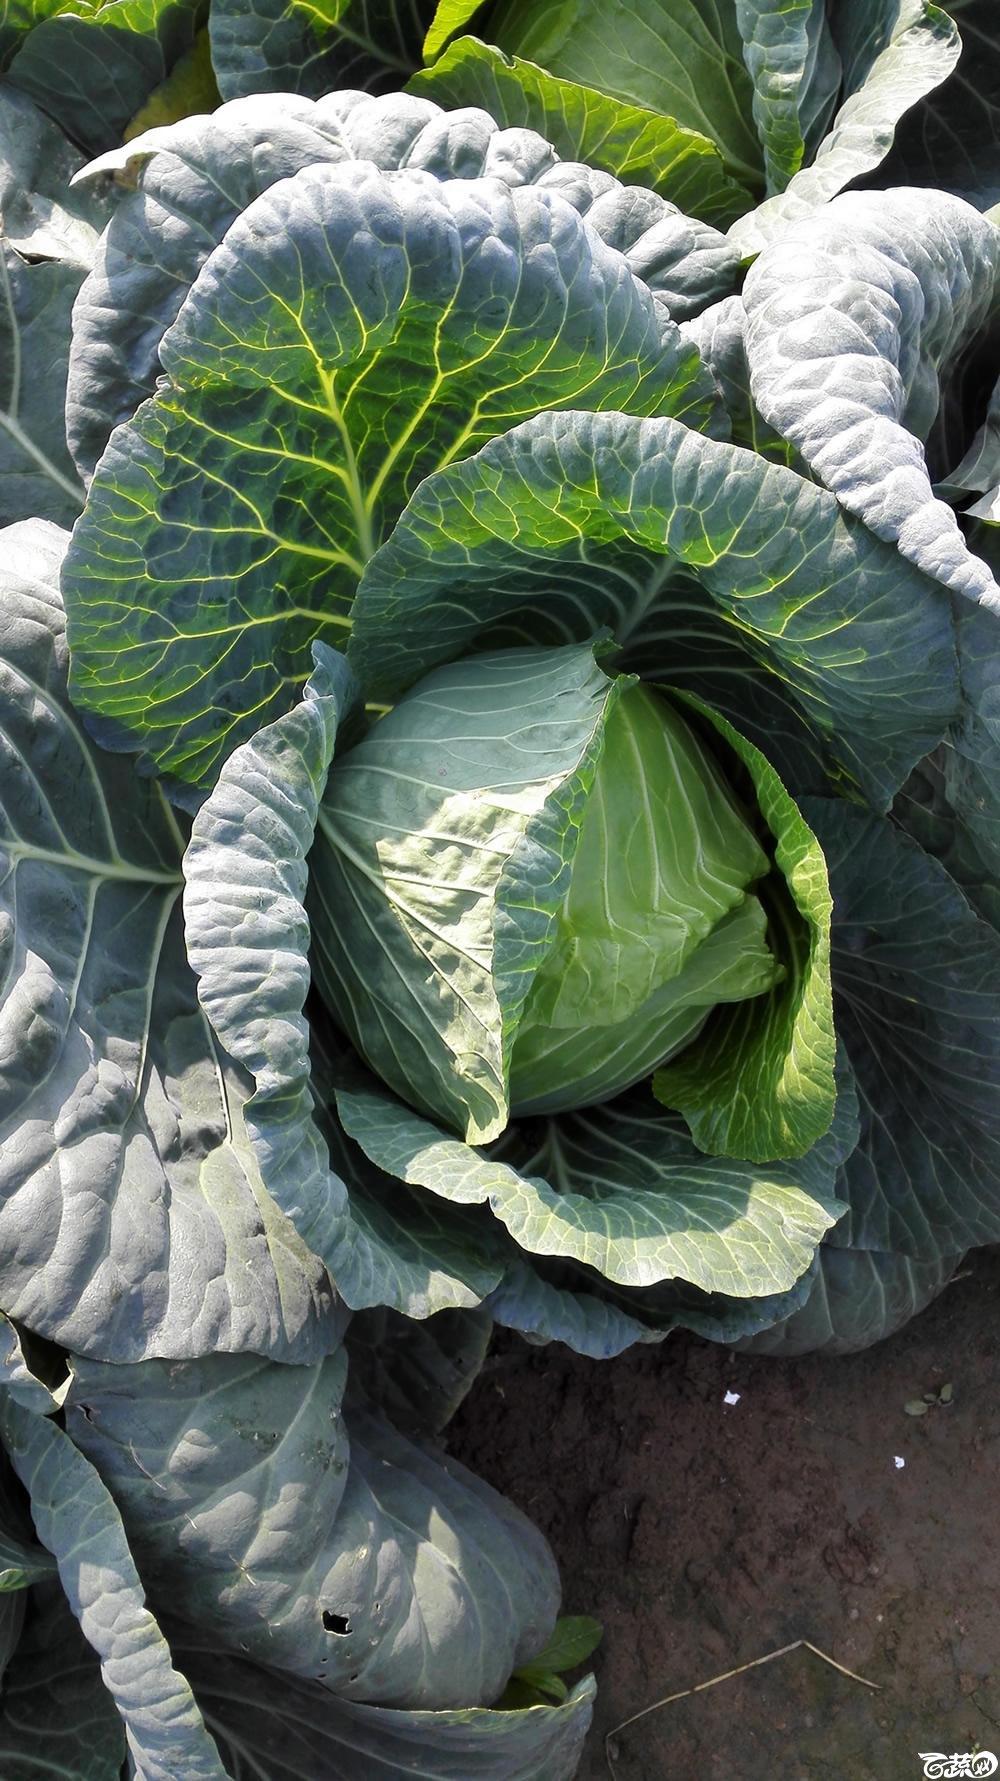 2014年12月10号广州市农科院南沙秋季蔬菜新品种展示会 甘蓝_136.jpg